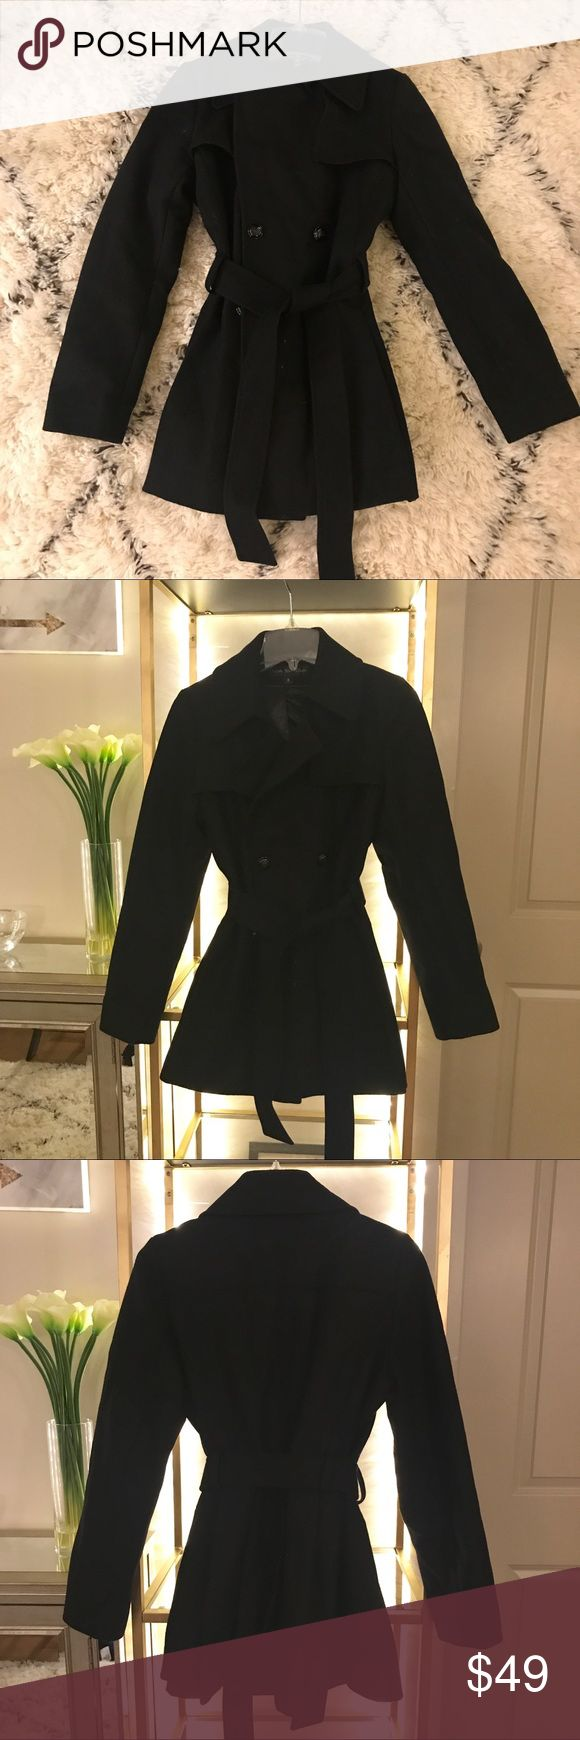 Via Spiga Wool Belted Black Pea Coat Amazing Via Spiga black wool pea coat with buttons and belted details in size 8. Via Spiga Jackets & Coats Pea Coats